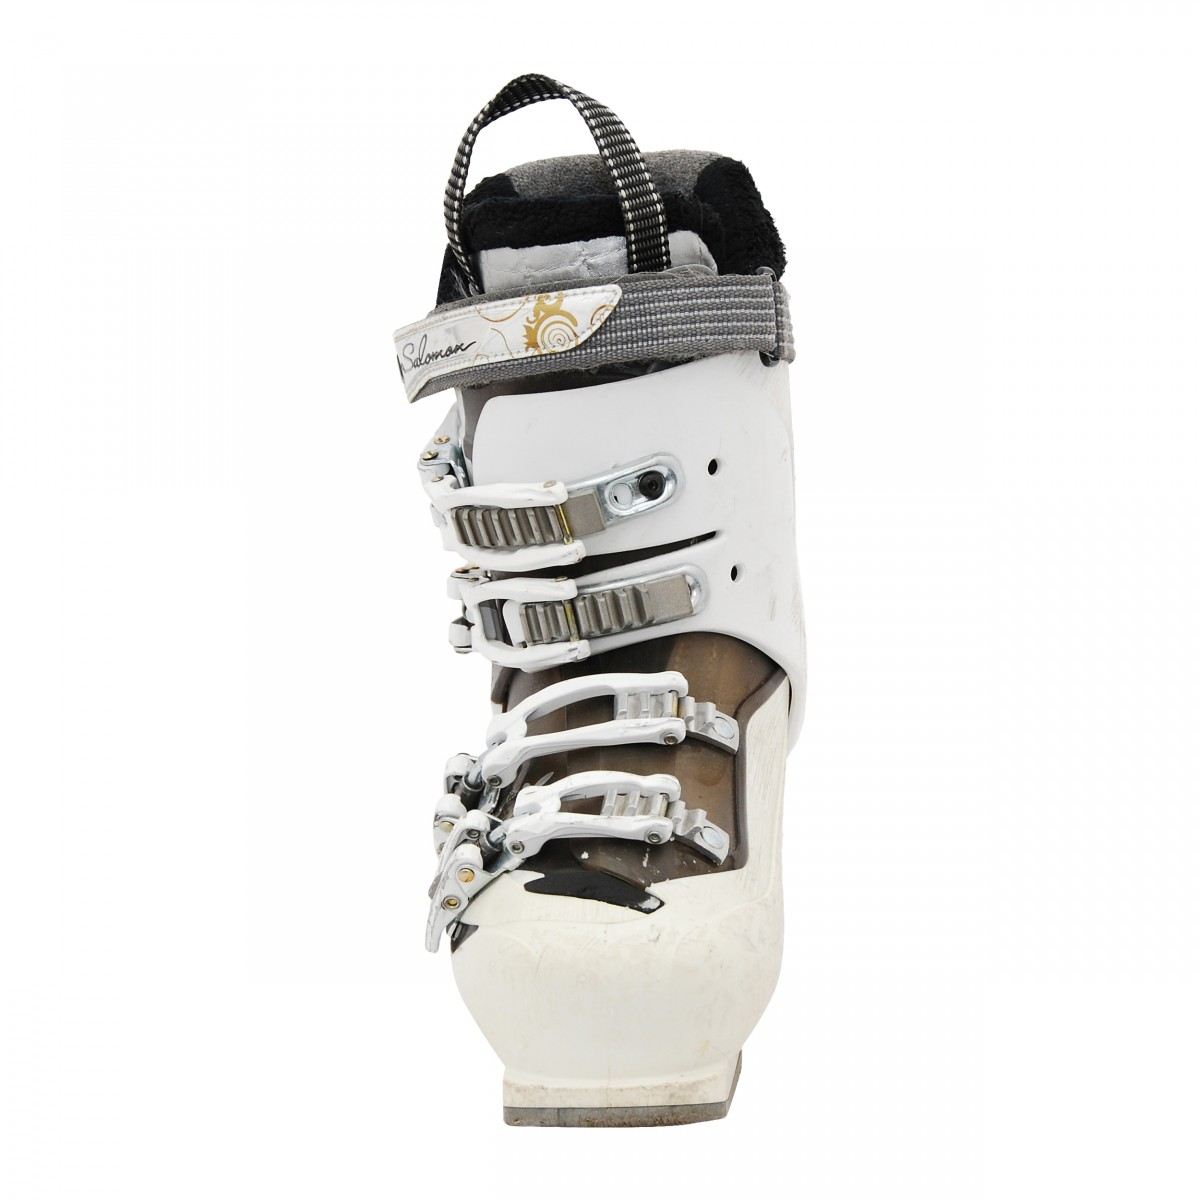 Détails sur Chaussure de ski occasion Salomon modèle Divine blanc